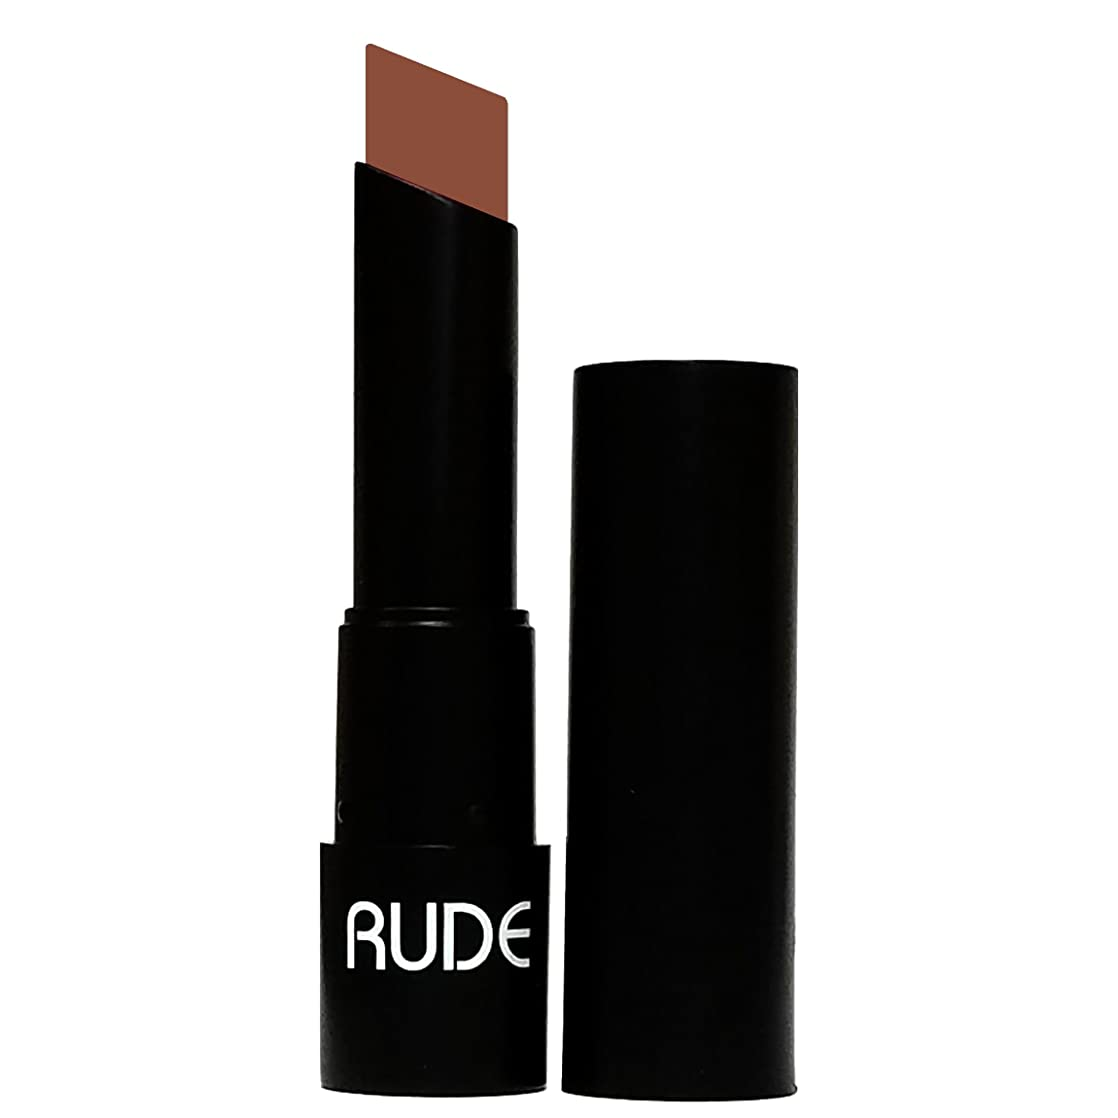 事実魅惑的な石(3 Pack) RUDE Attitude Matte Lipstick - Reckless (並行輸入品)